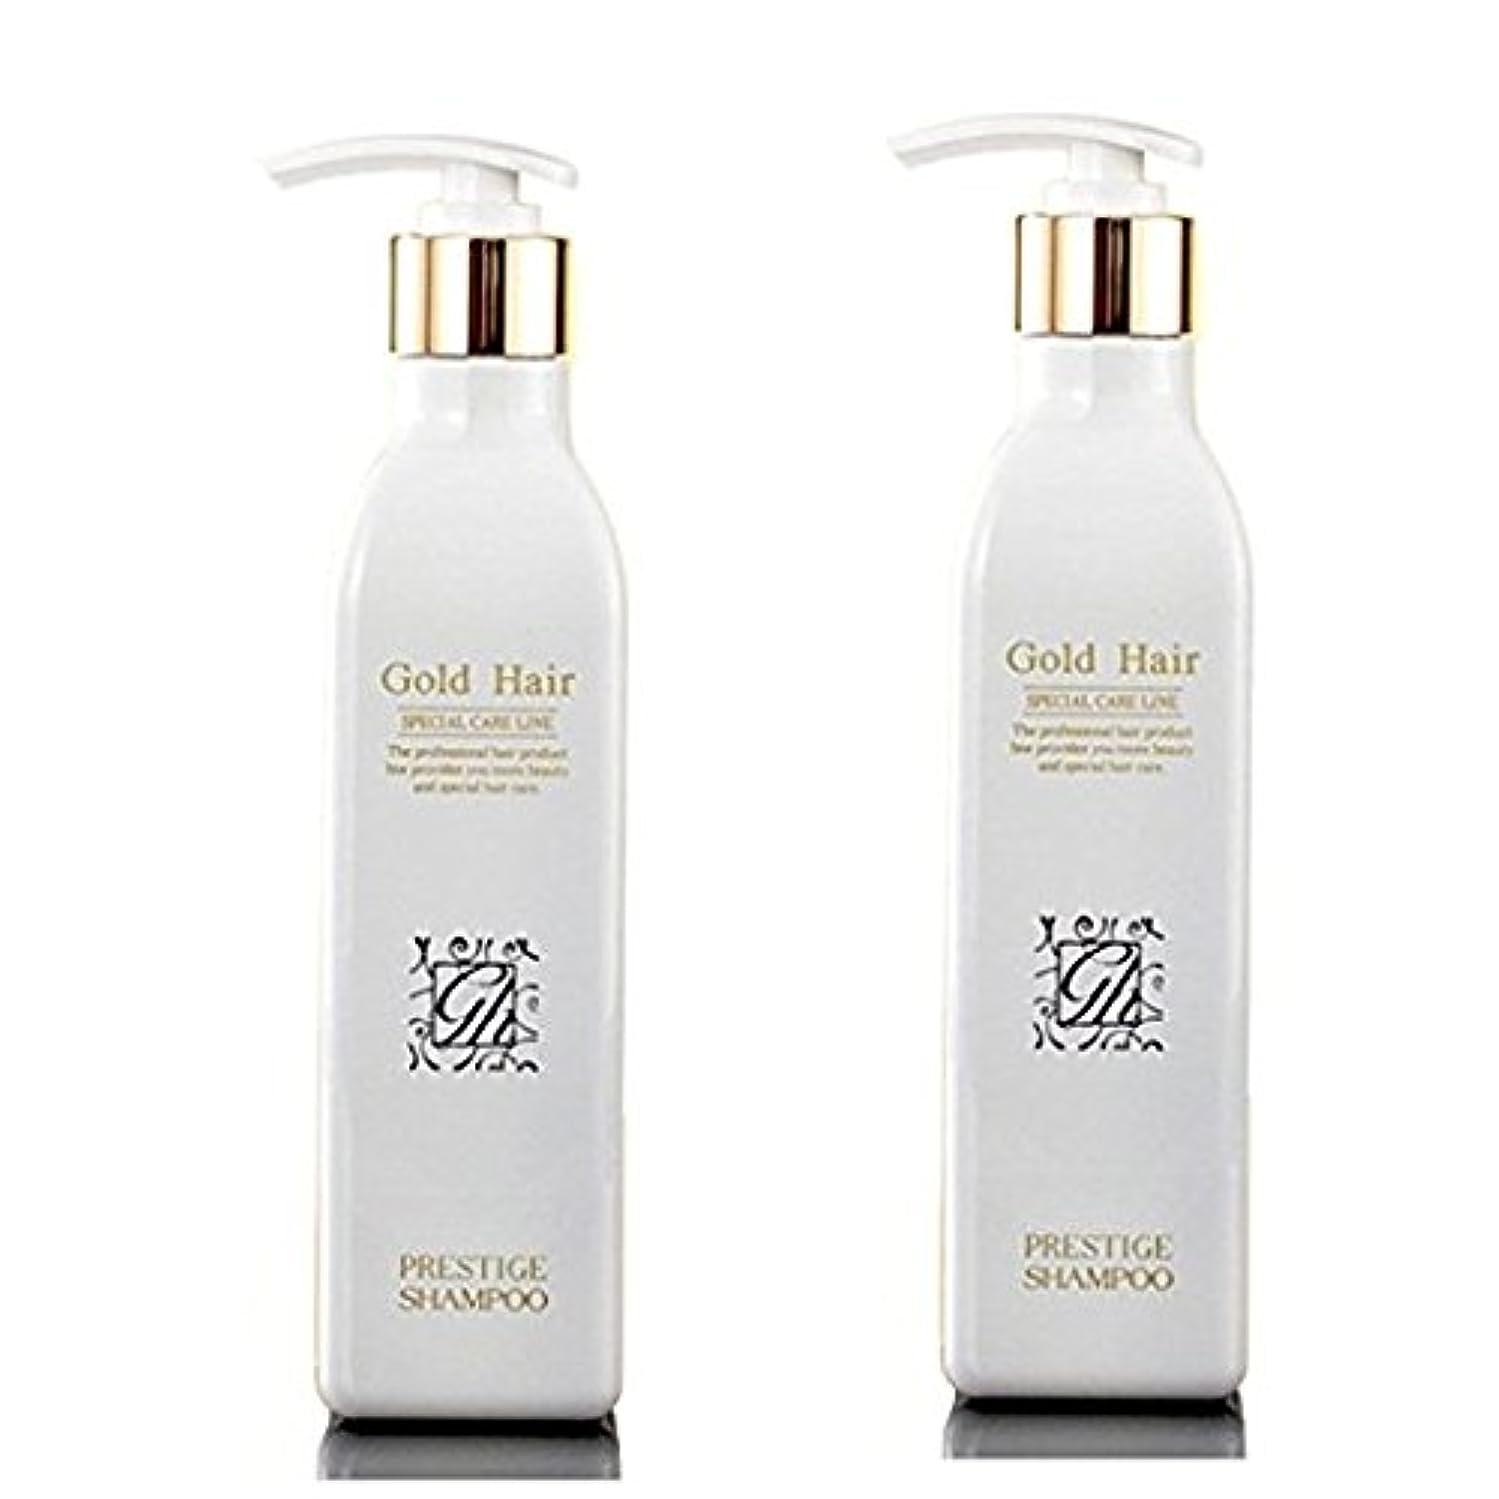 面火山のパーチナシティゴールドヘア 育毛ケア シャンプー 漢方 シャンプー 抜け毛ケア ヘアケアシャンプー2本/Herbal Hair Loss Fast Regrowth Gold Hair Loss Shampoo[海外直送品] (2本セット...